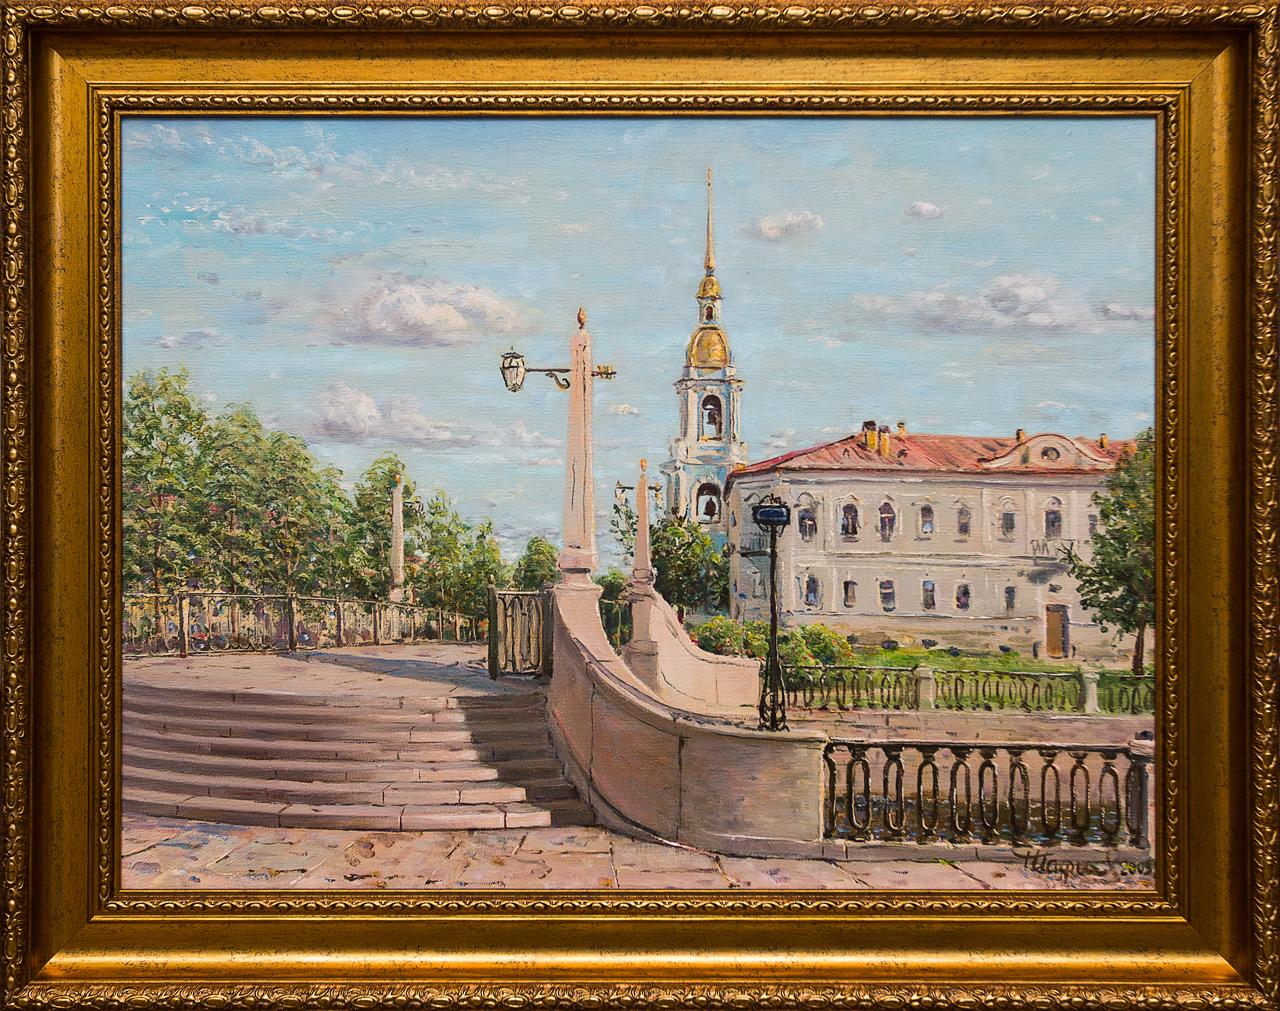 Картина маслом Санкт-Петербург Шафиев картина маслом санкт петербург вид с дворцового моста ильин